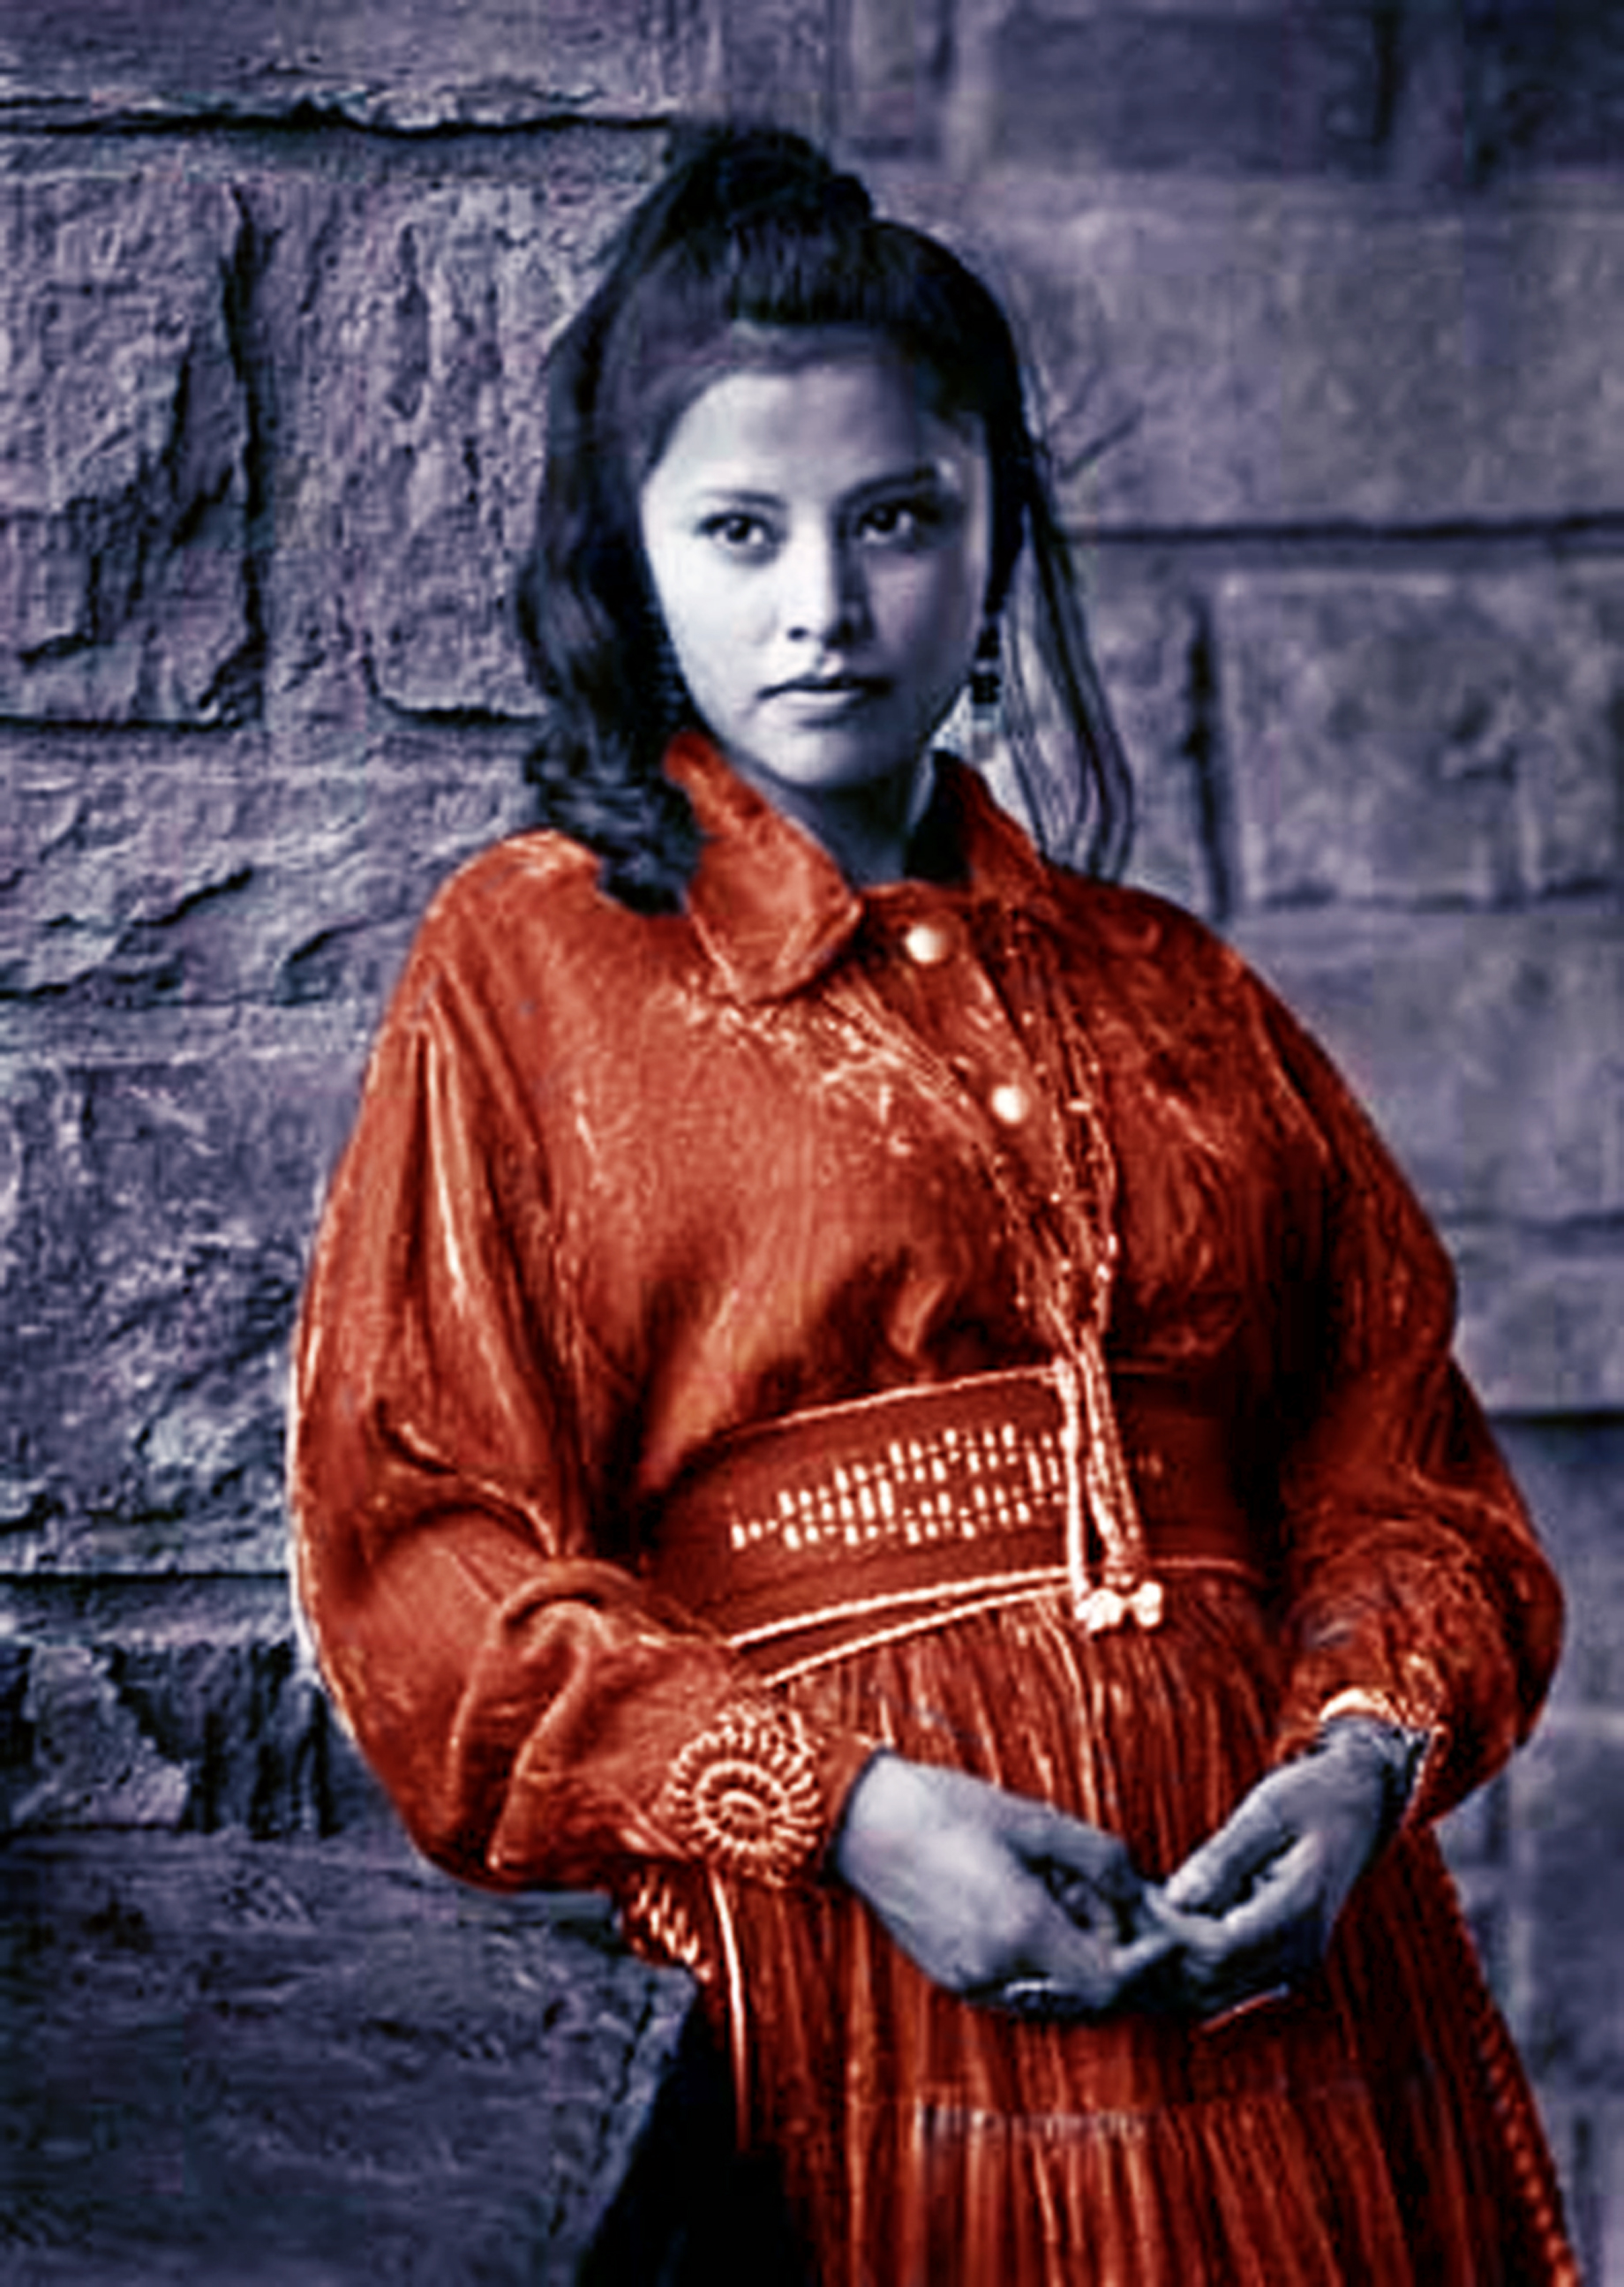 Hot navajo women